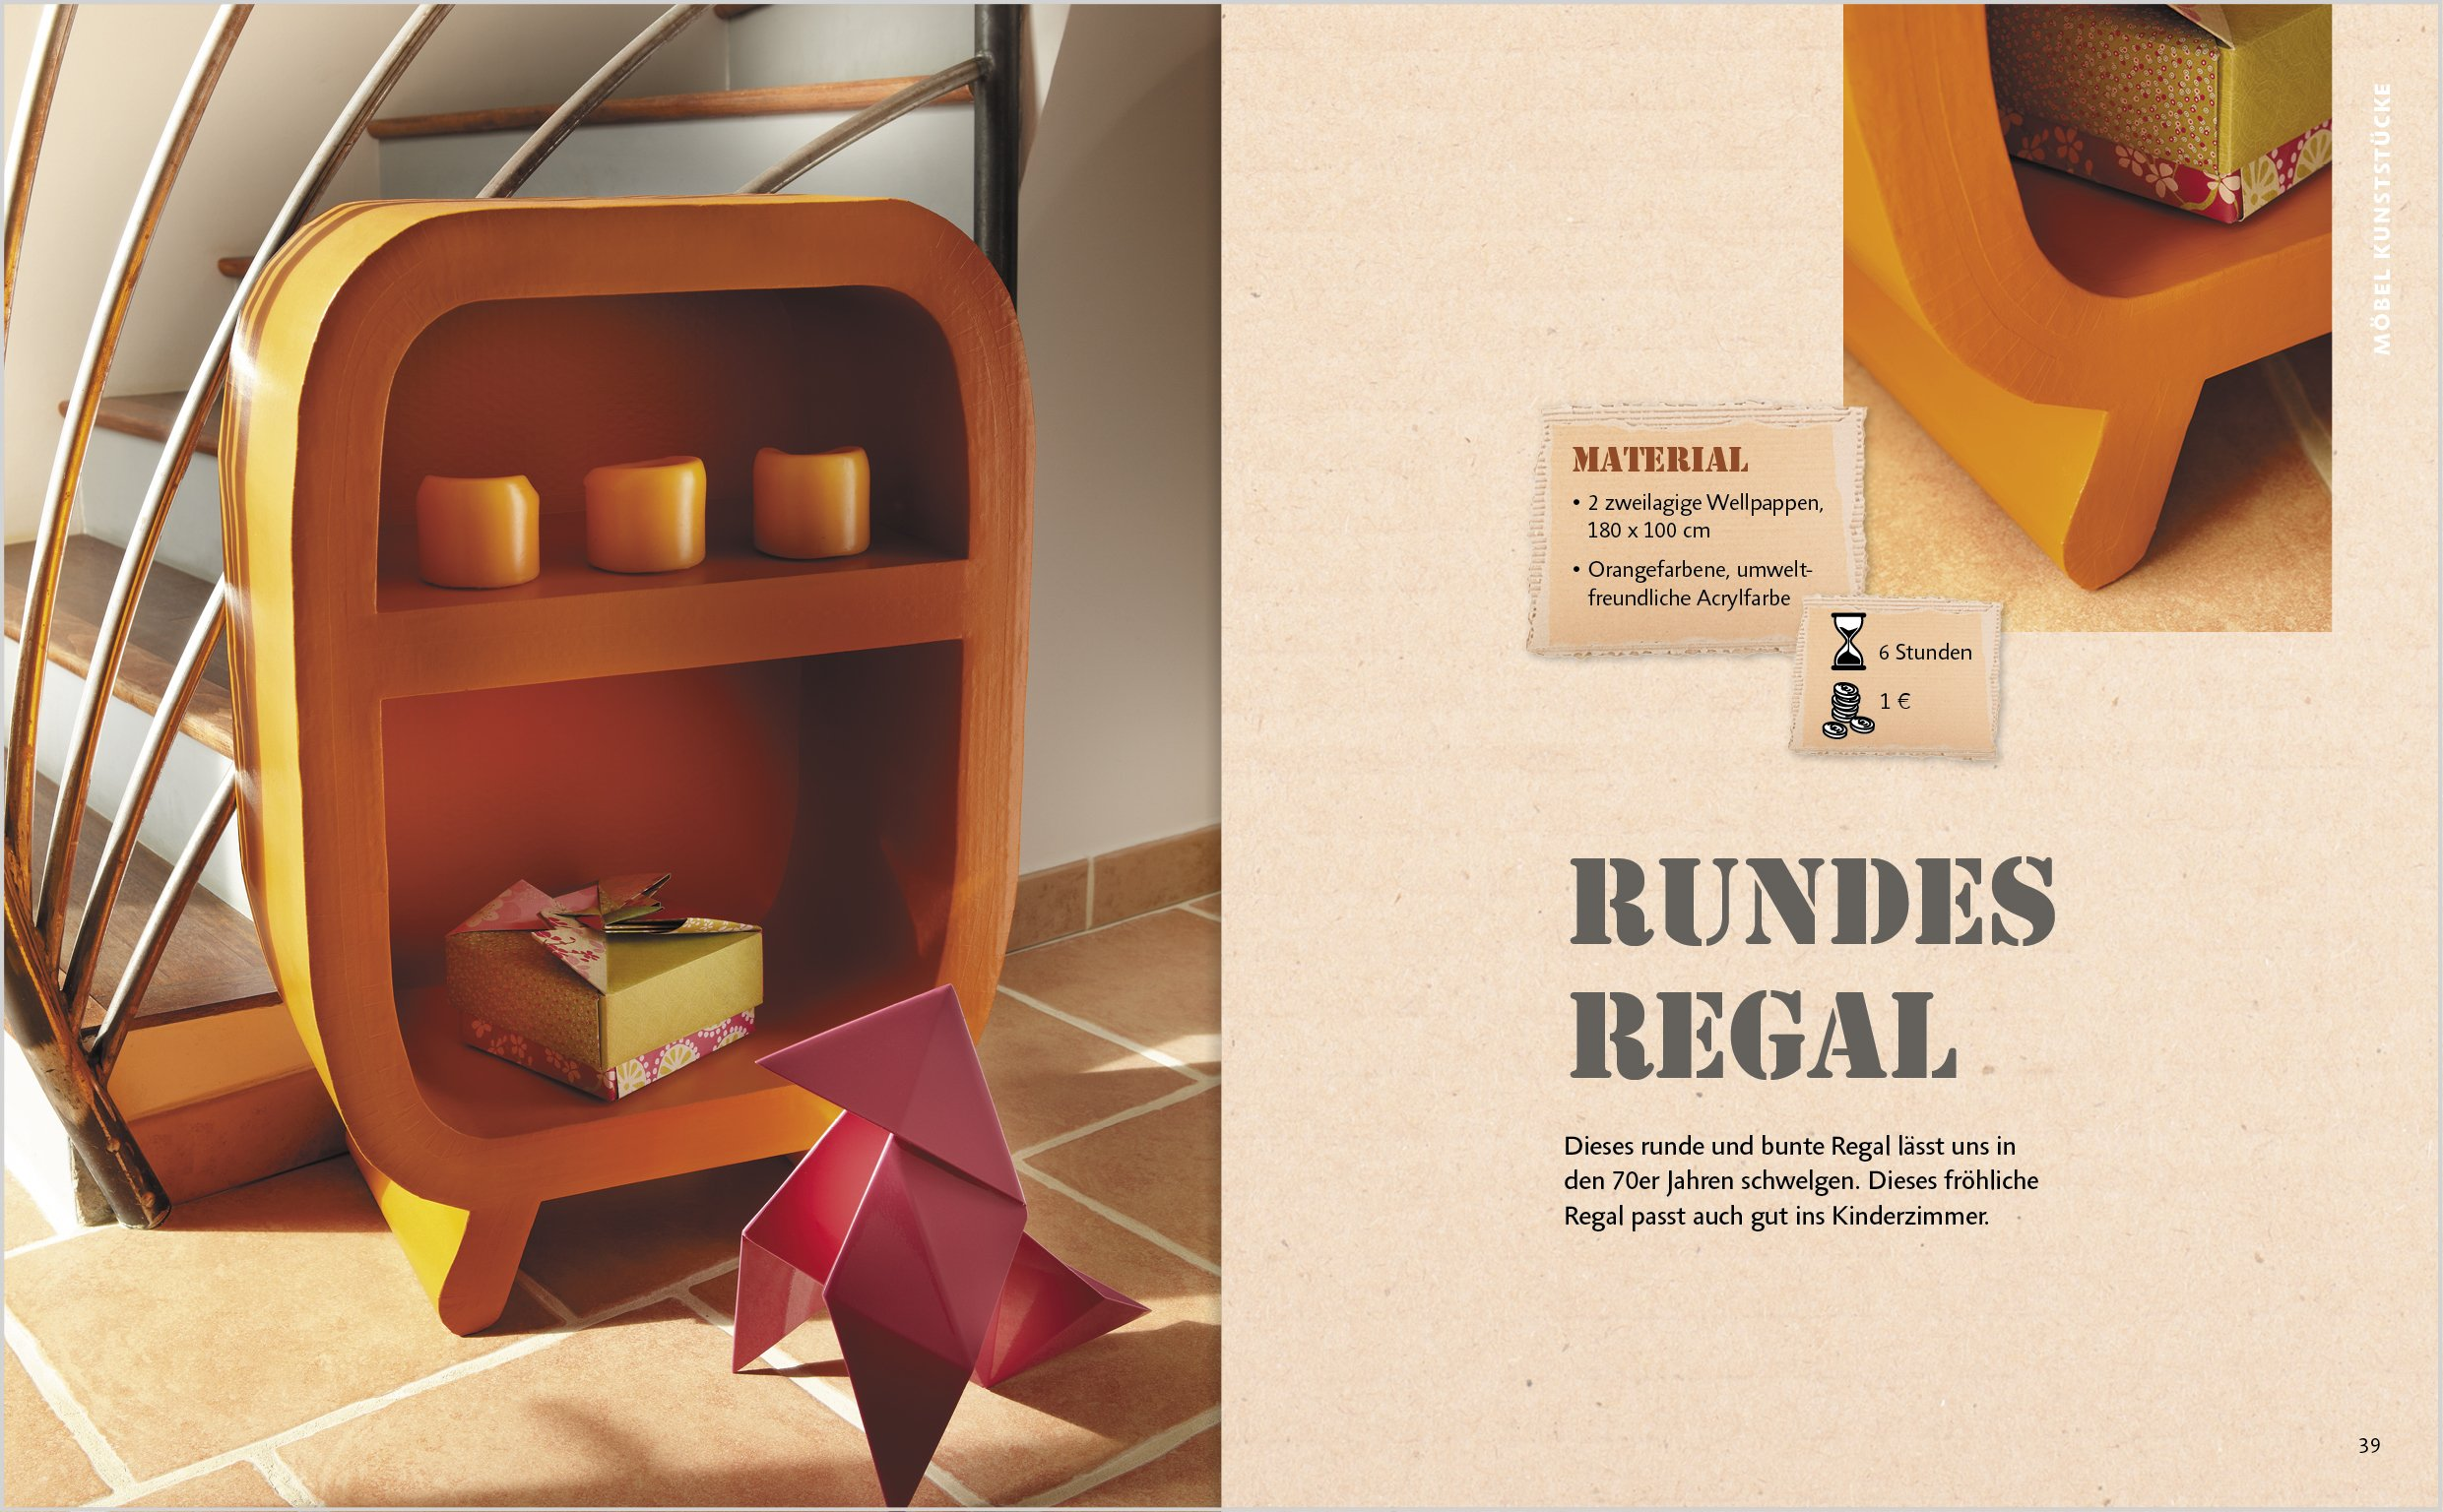 Neue Möbel Aus Karton: 15 Schritt Für Schritt Anleitungen In Wort Und Bild:  Amazon.de: Françoise Manceau Guilhermond: Bücher